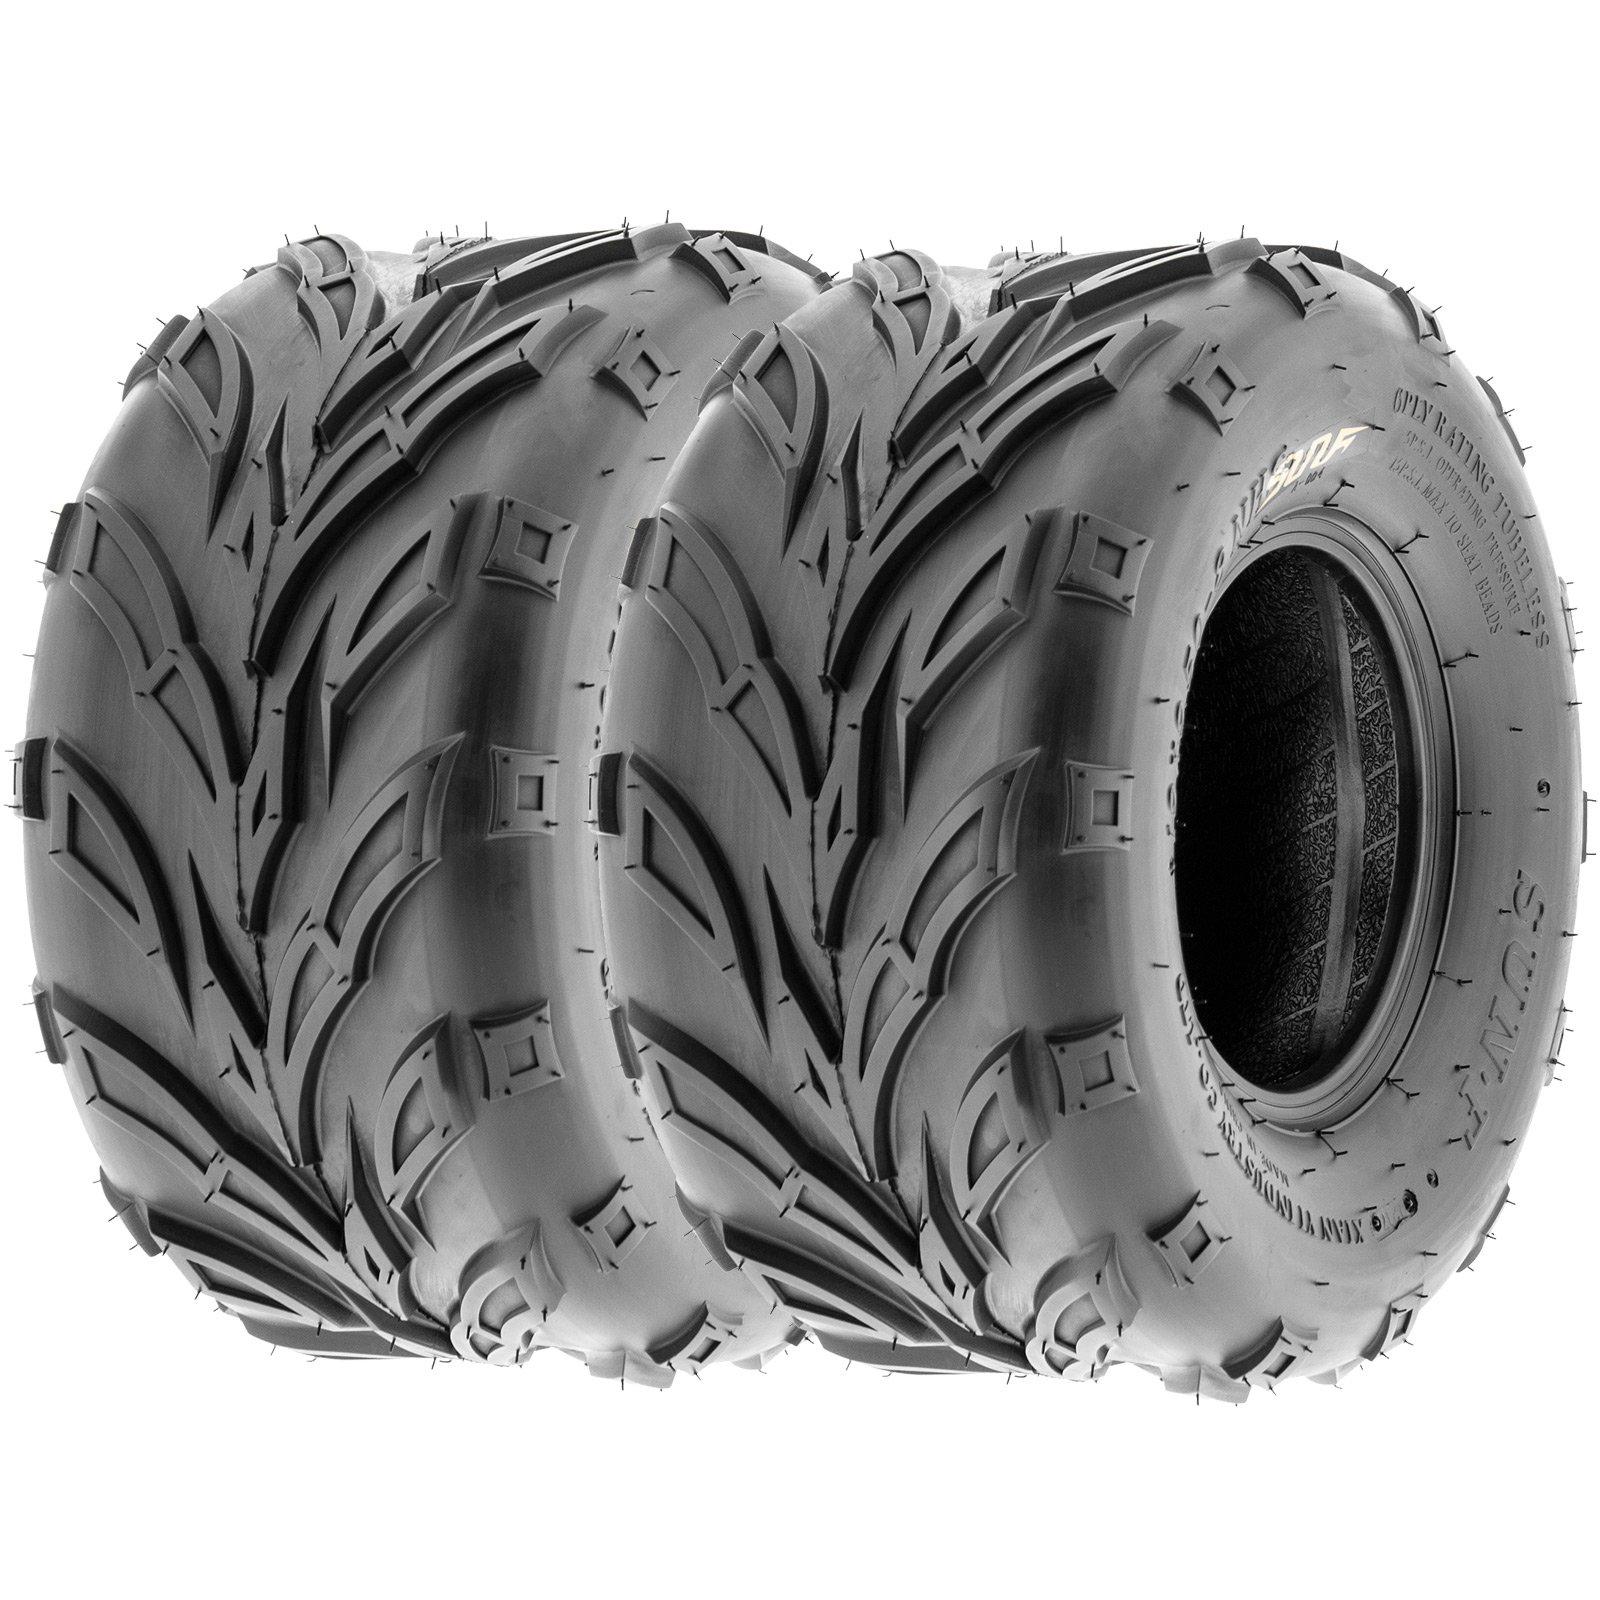 SunF ATV Quad Tires 22x10-10 22x10x10 4 PR A004 (Set pair of 2)